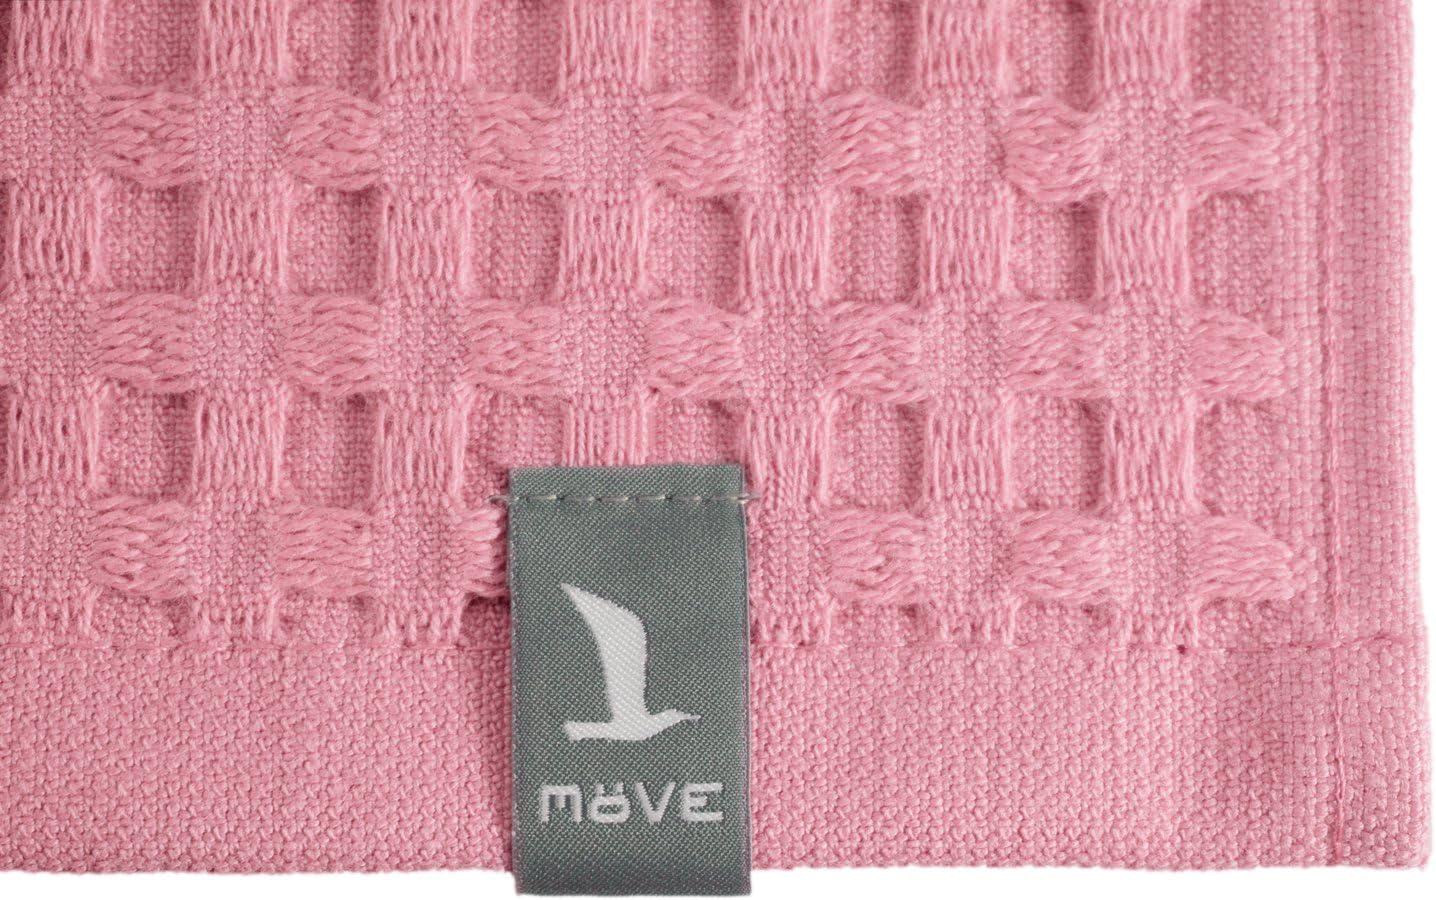 Fabriqu/é en Allemagne Rose 100/% Coton M/ÖVE Piqu/ée Gant de Toilette 40 x 70 cm